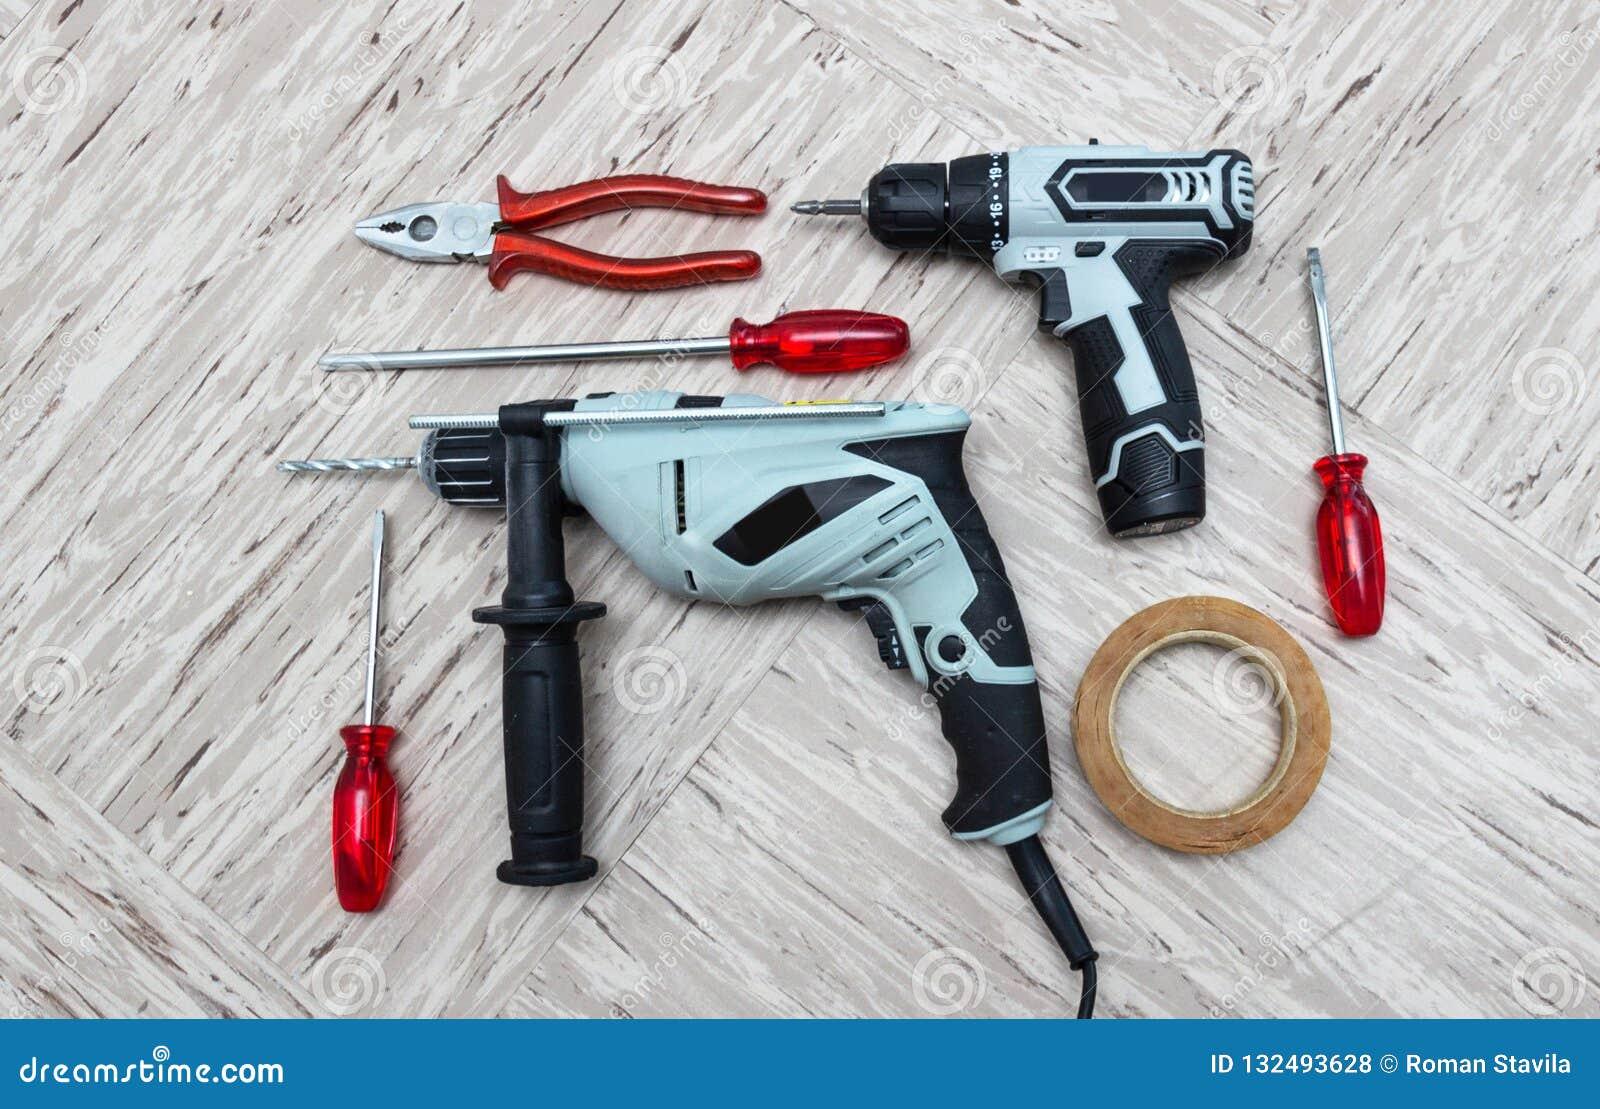 Werkzeuge für Reparatur, Schraubenzieher, elektrische Bohrmaschine, Galvanoschraubenzieher,